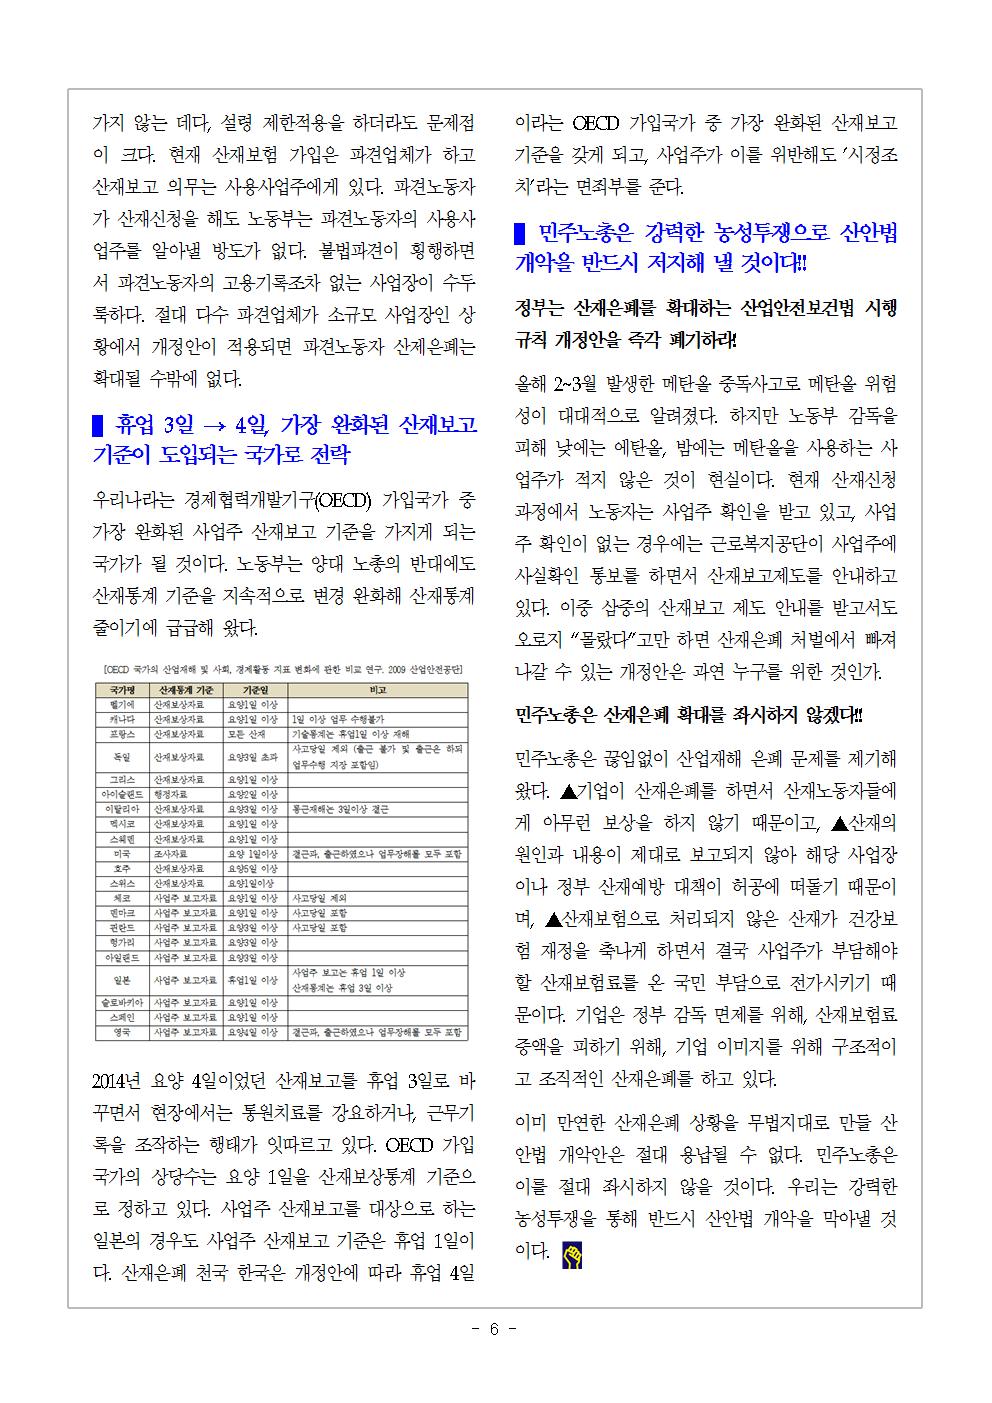 [2016교육지-7] 산재은폐_산안법개악저지_농성투쟁006.png